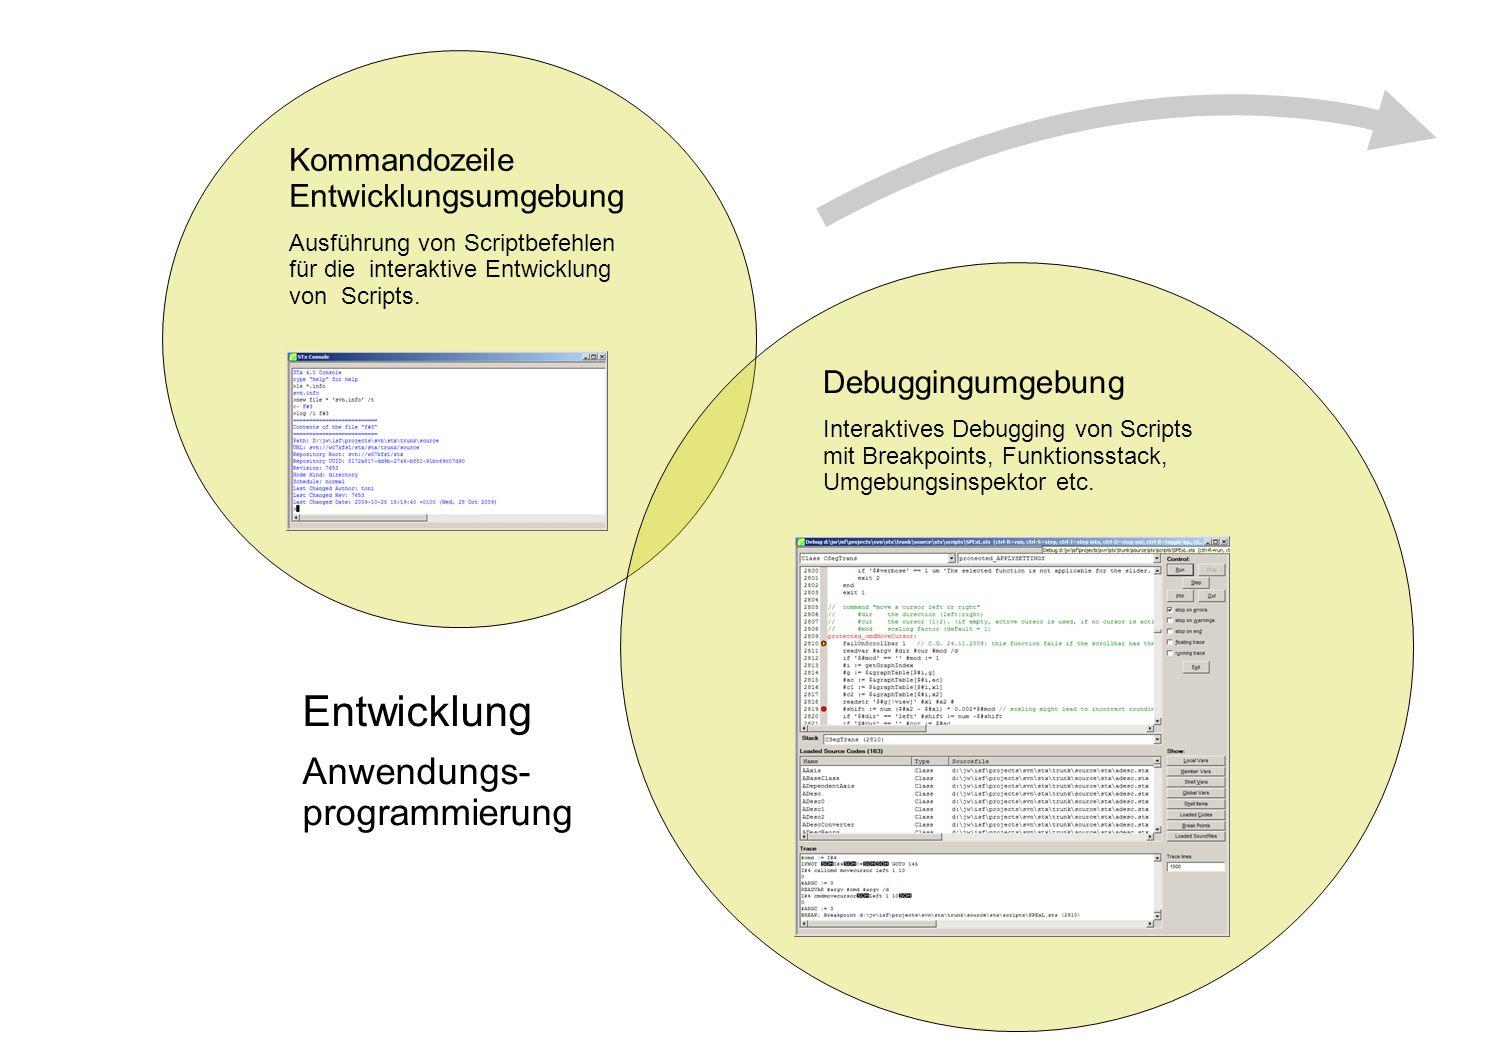 Kommandozeile Entwicklungsumgebung Ausführung von Scriptbefehlen für die interaktive Entwicklung von Scripts. Debuggingumgebung Interaktives Debugging